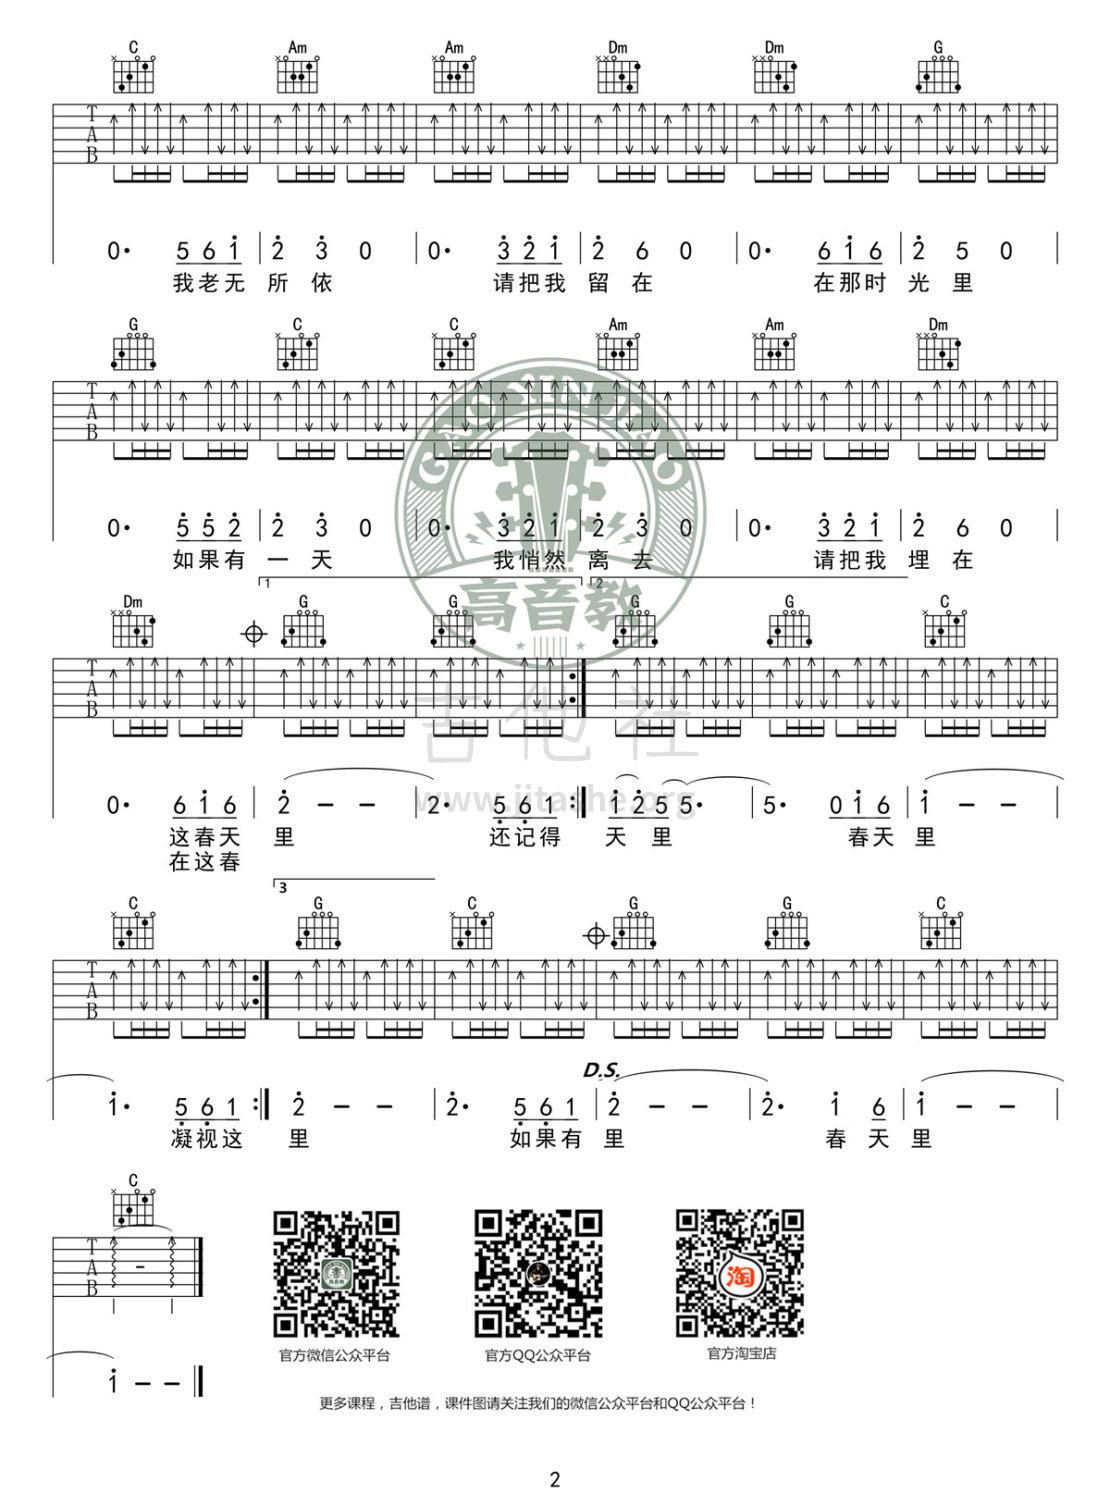 春天里(高音教编配)吉他谱(图片谱,弹唱,C调)_汪峰_《春天里》C调标准版02.jpg